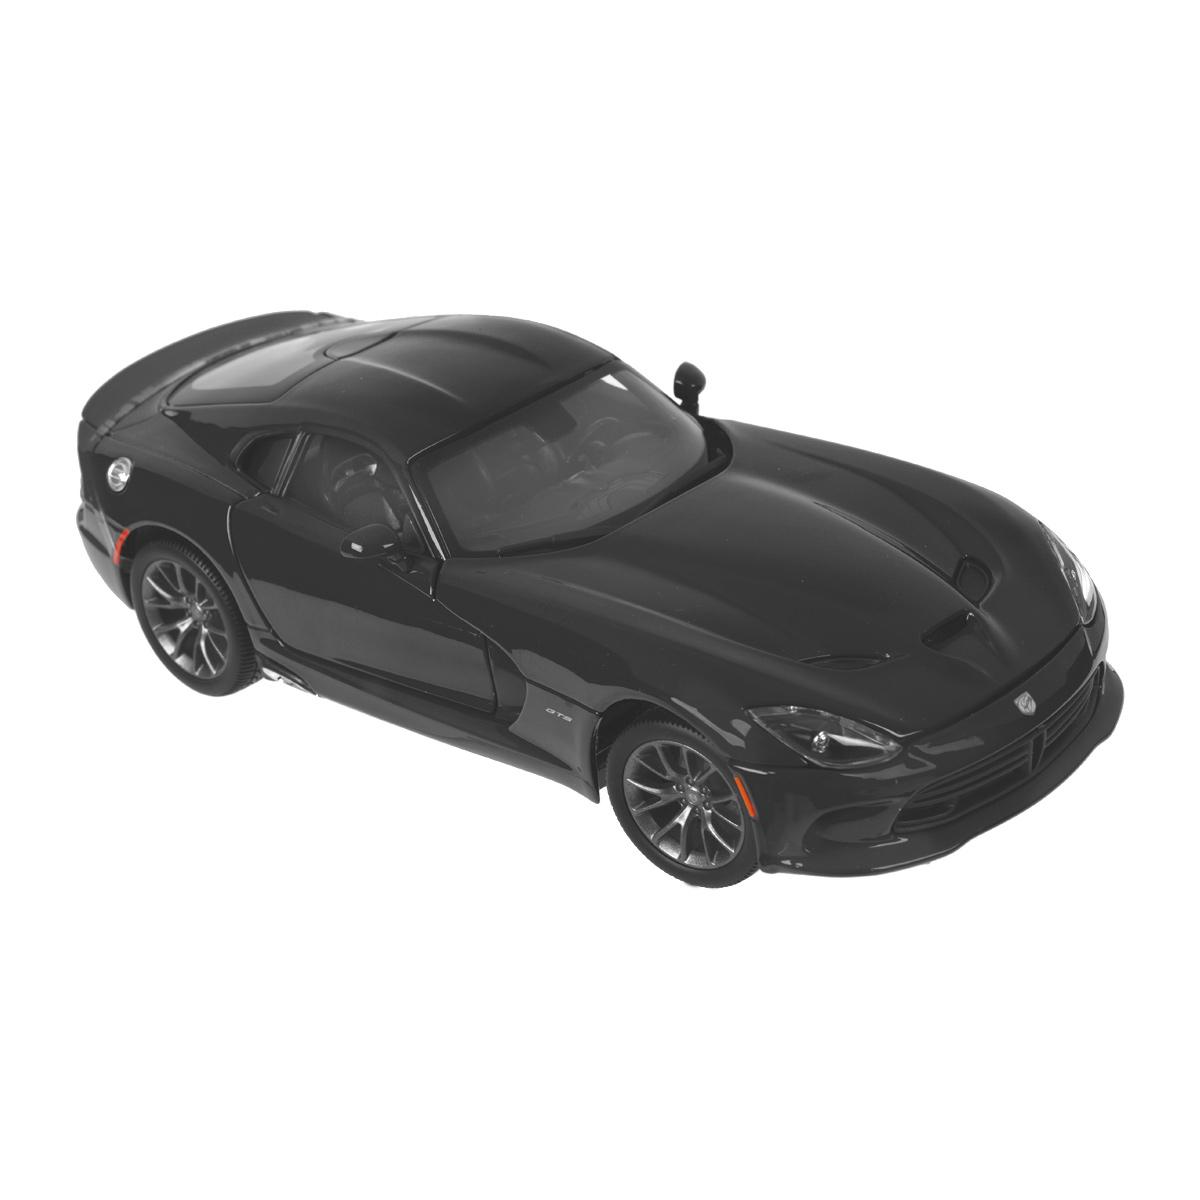 """Maisto Коллекционная модель """"SRT Viper GTS 2013"""", цвет: черный, масштаб 1/18 31128_черный"""